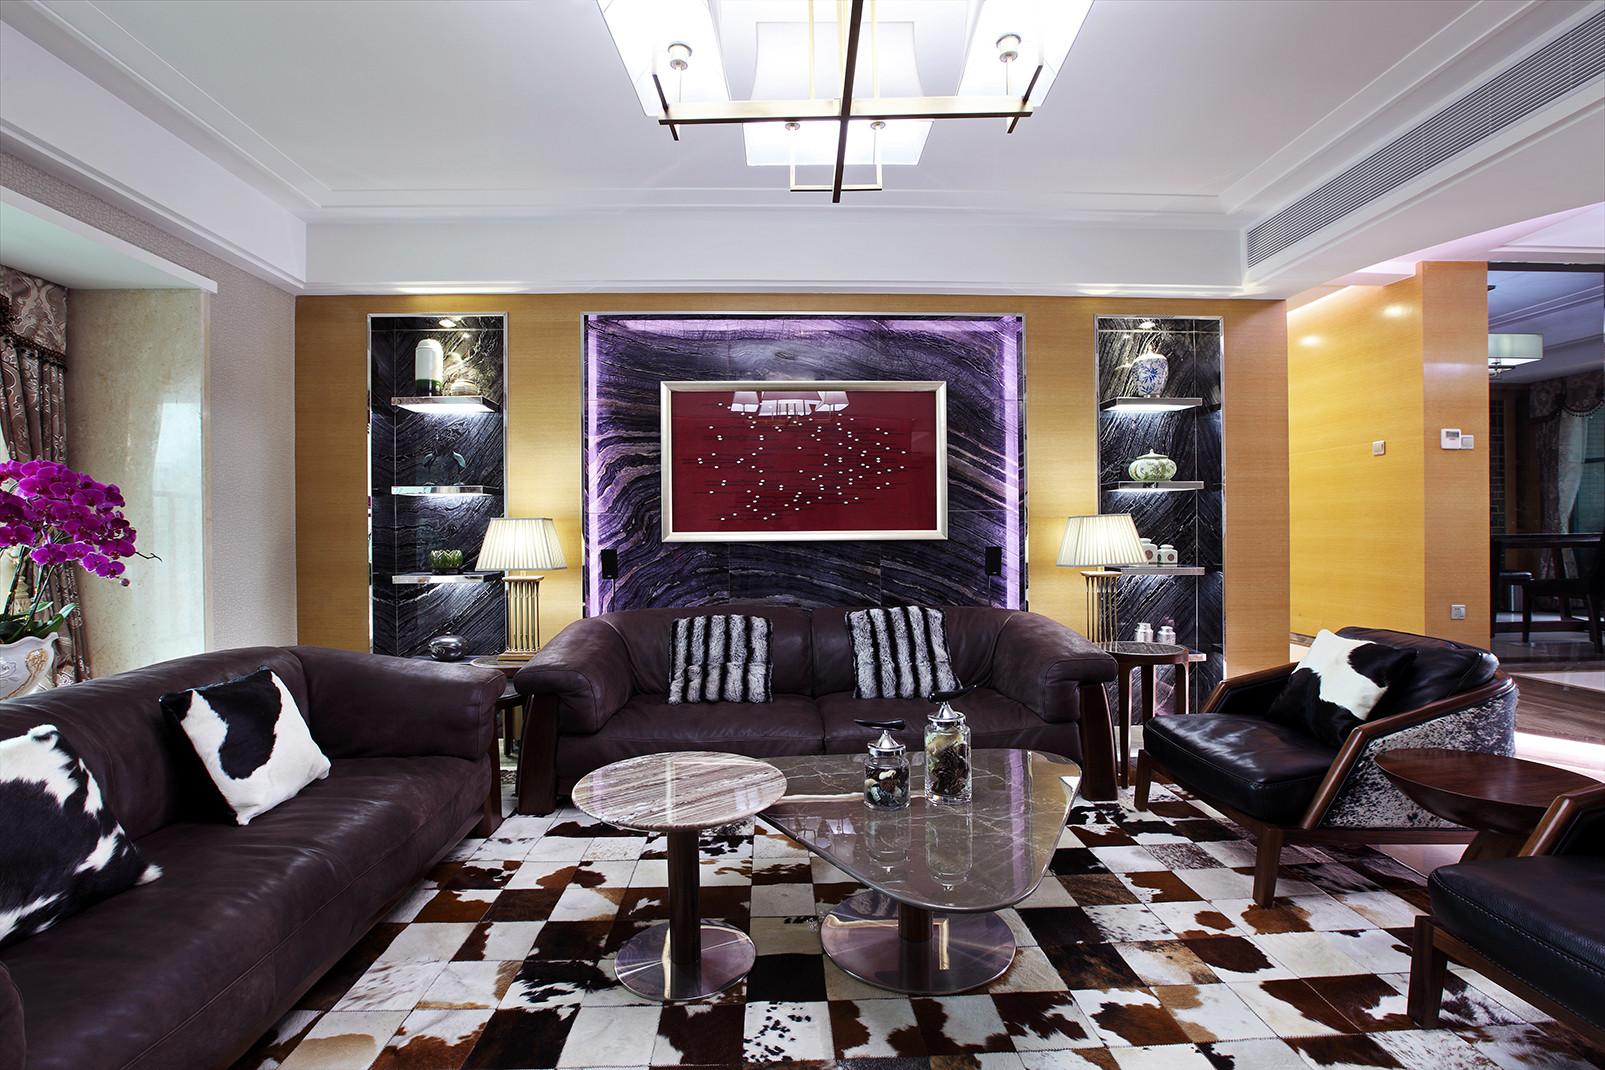 现代都市风格之家沙发背景墙图片